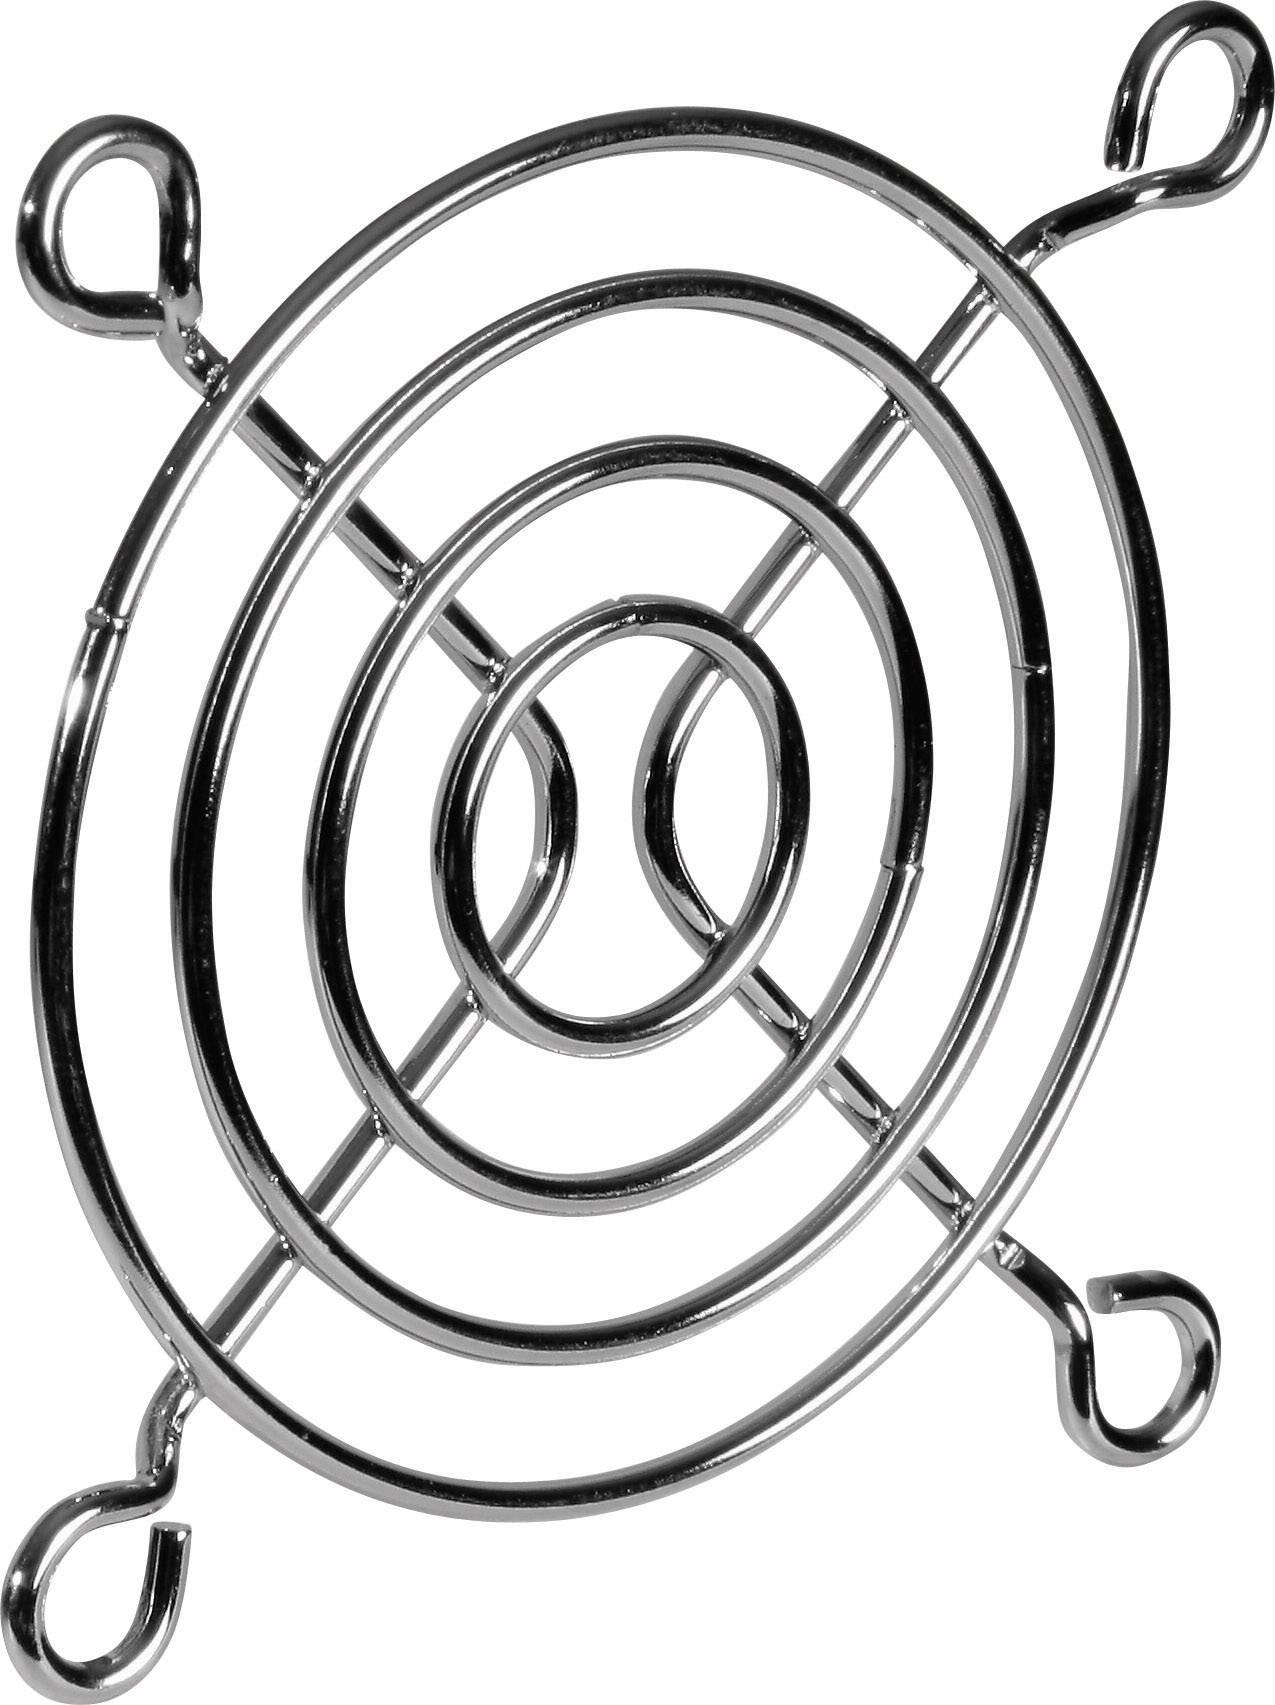 Ochranná mřížka ventilátoru SEPA FG80, 80 mm x 80 mm